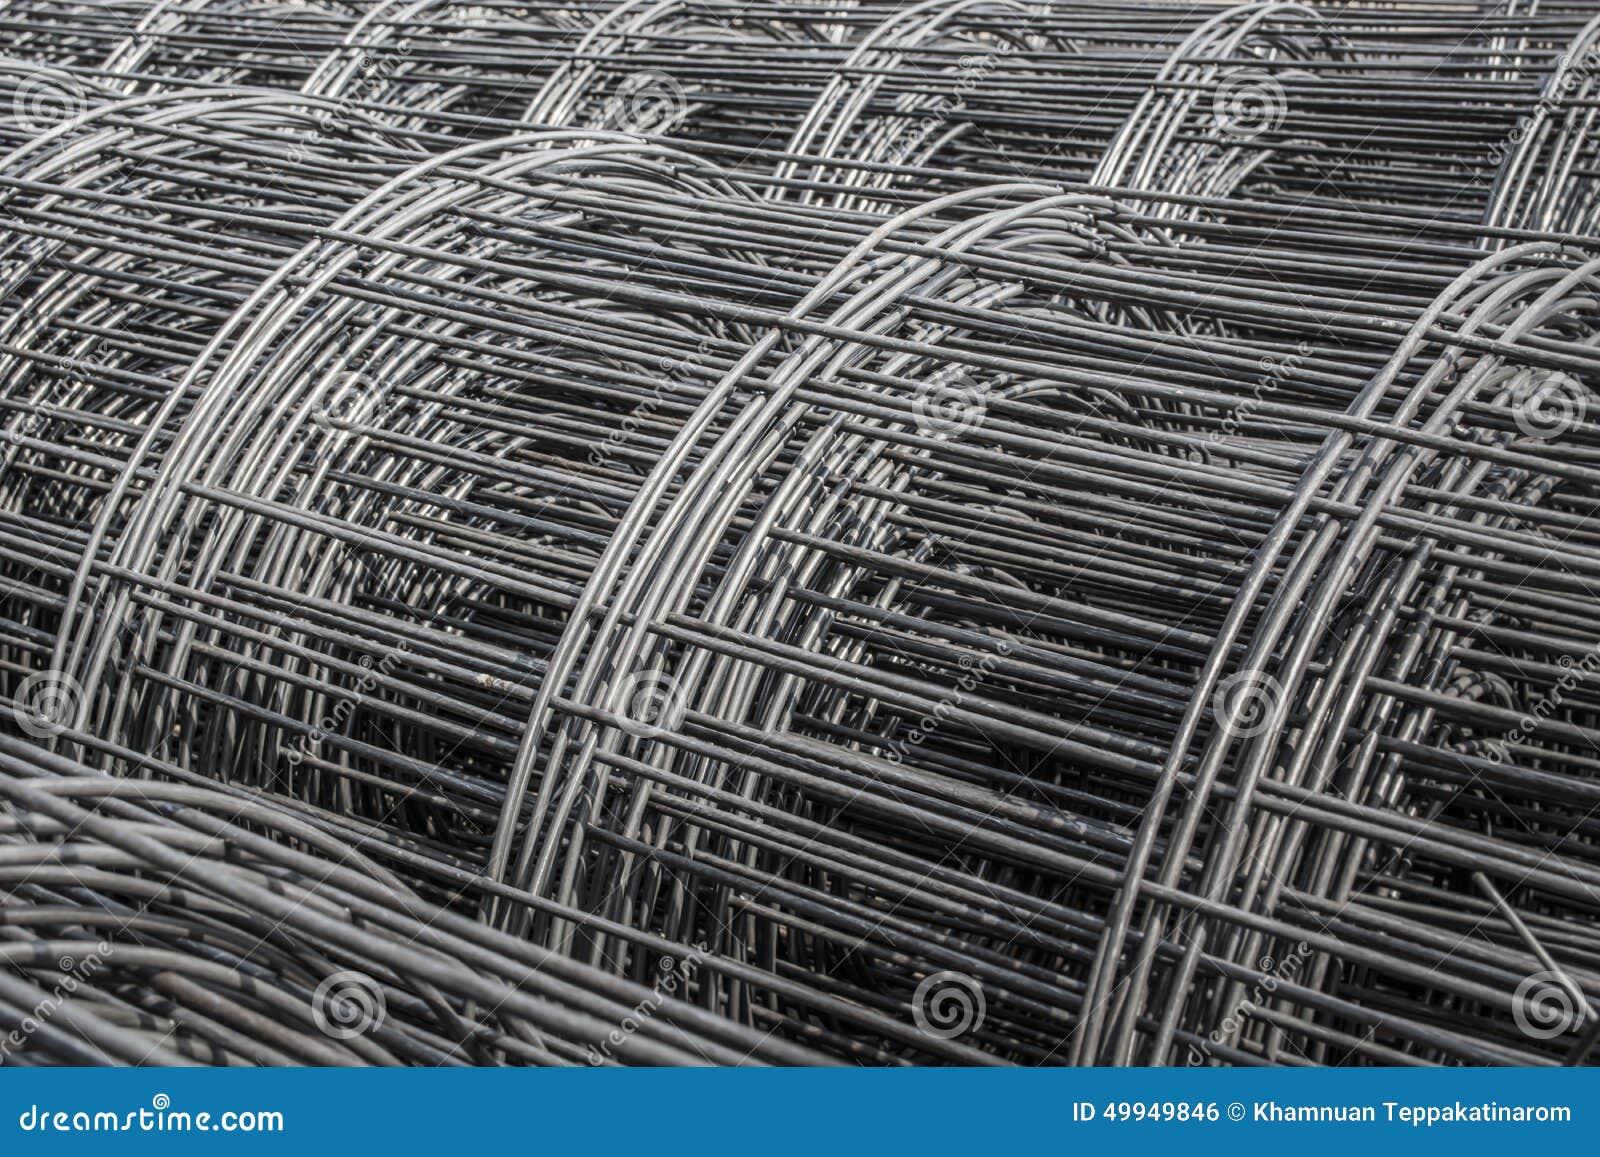 铁丝网钢卷